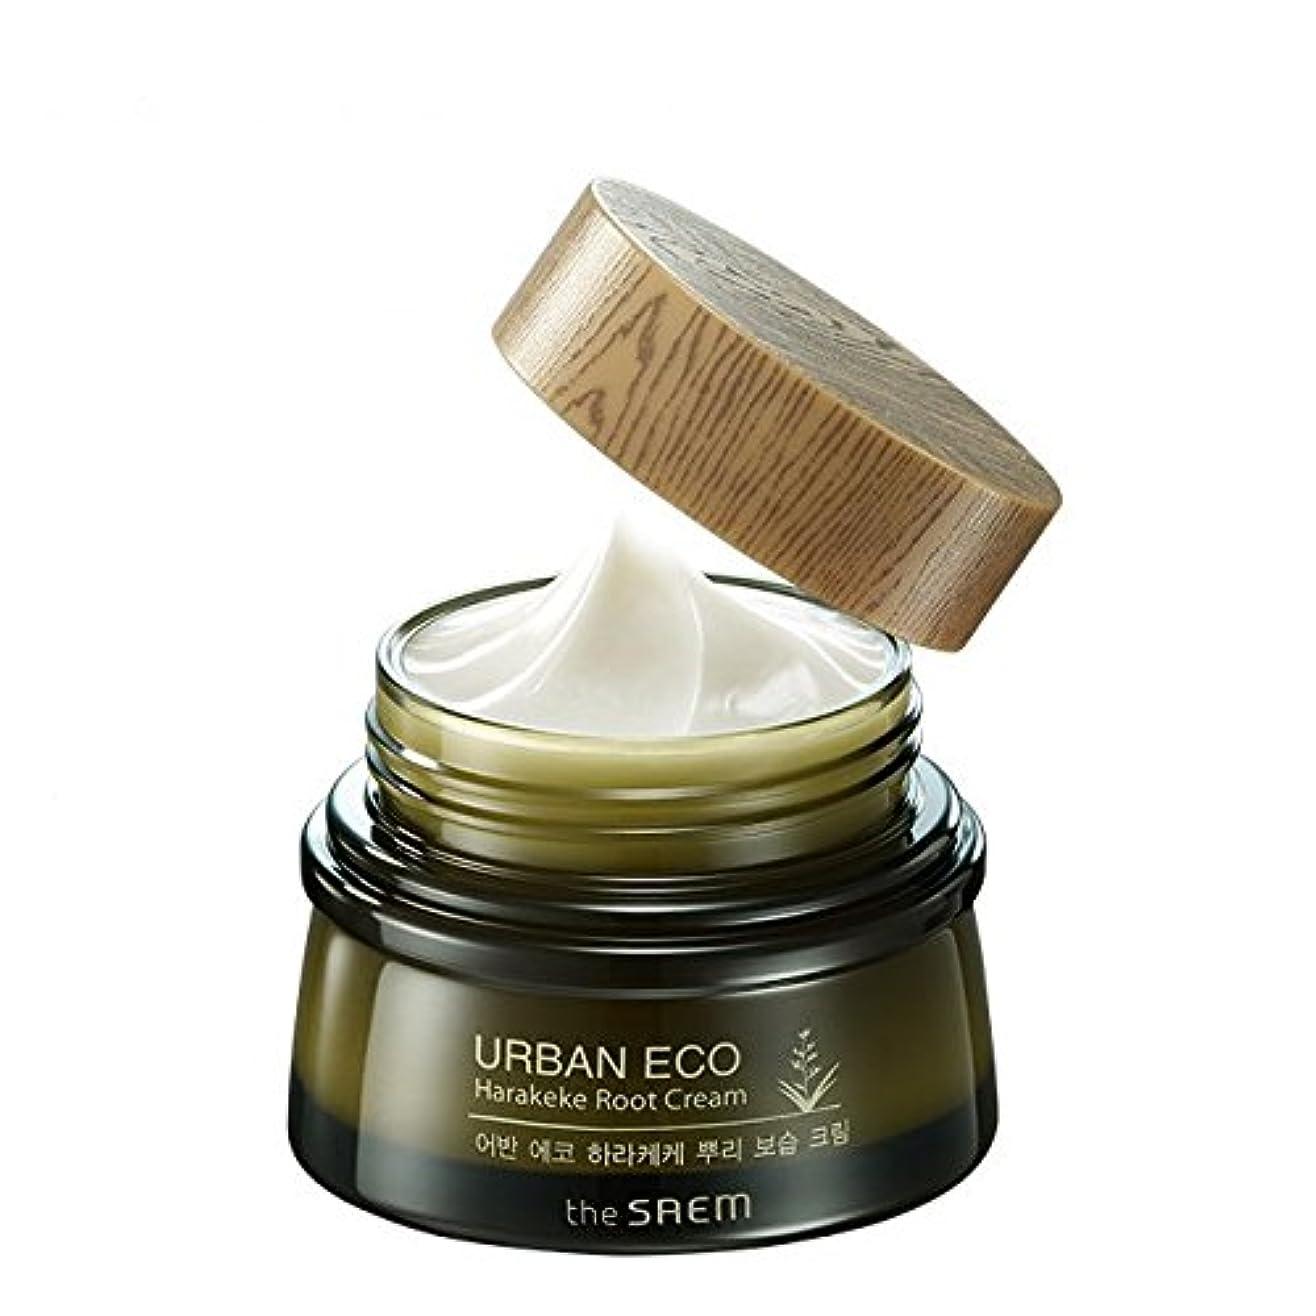 周術期差別鎖[ザセム] The Saem [アーバンエコ ハラケケ 根保湿クリーム60ml (The Saem Urban Eco Harakeke Root Cream60ml)